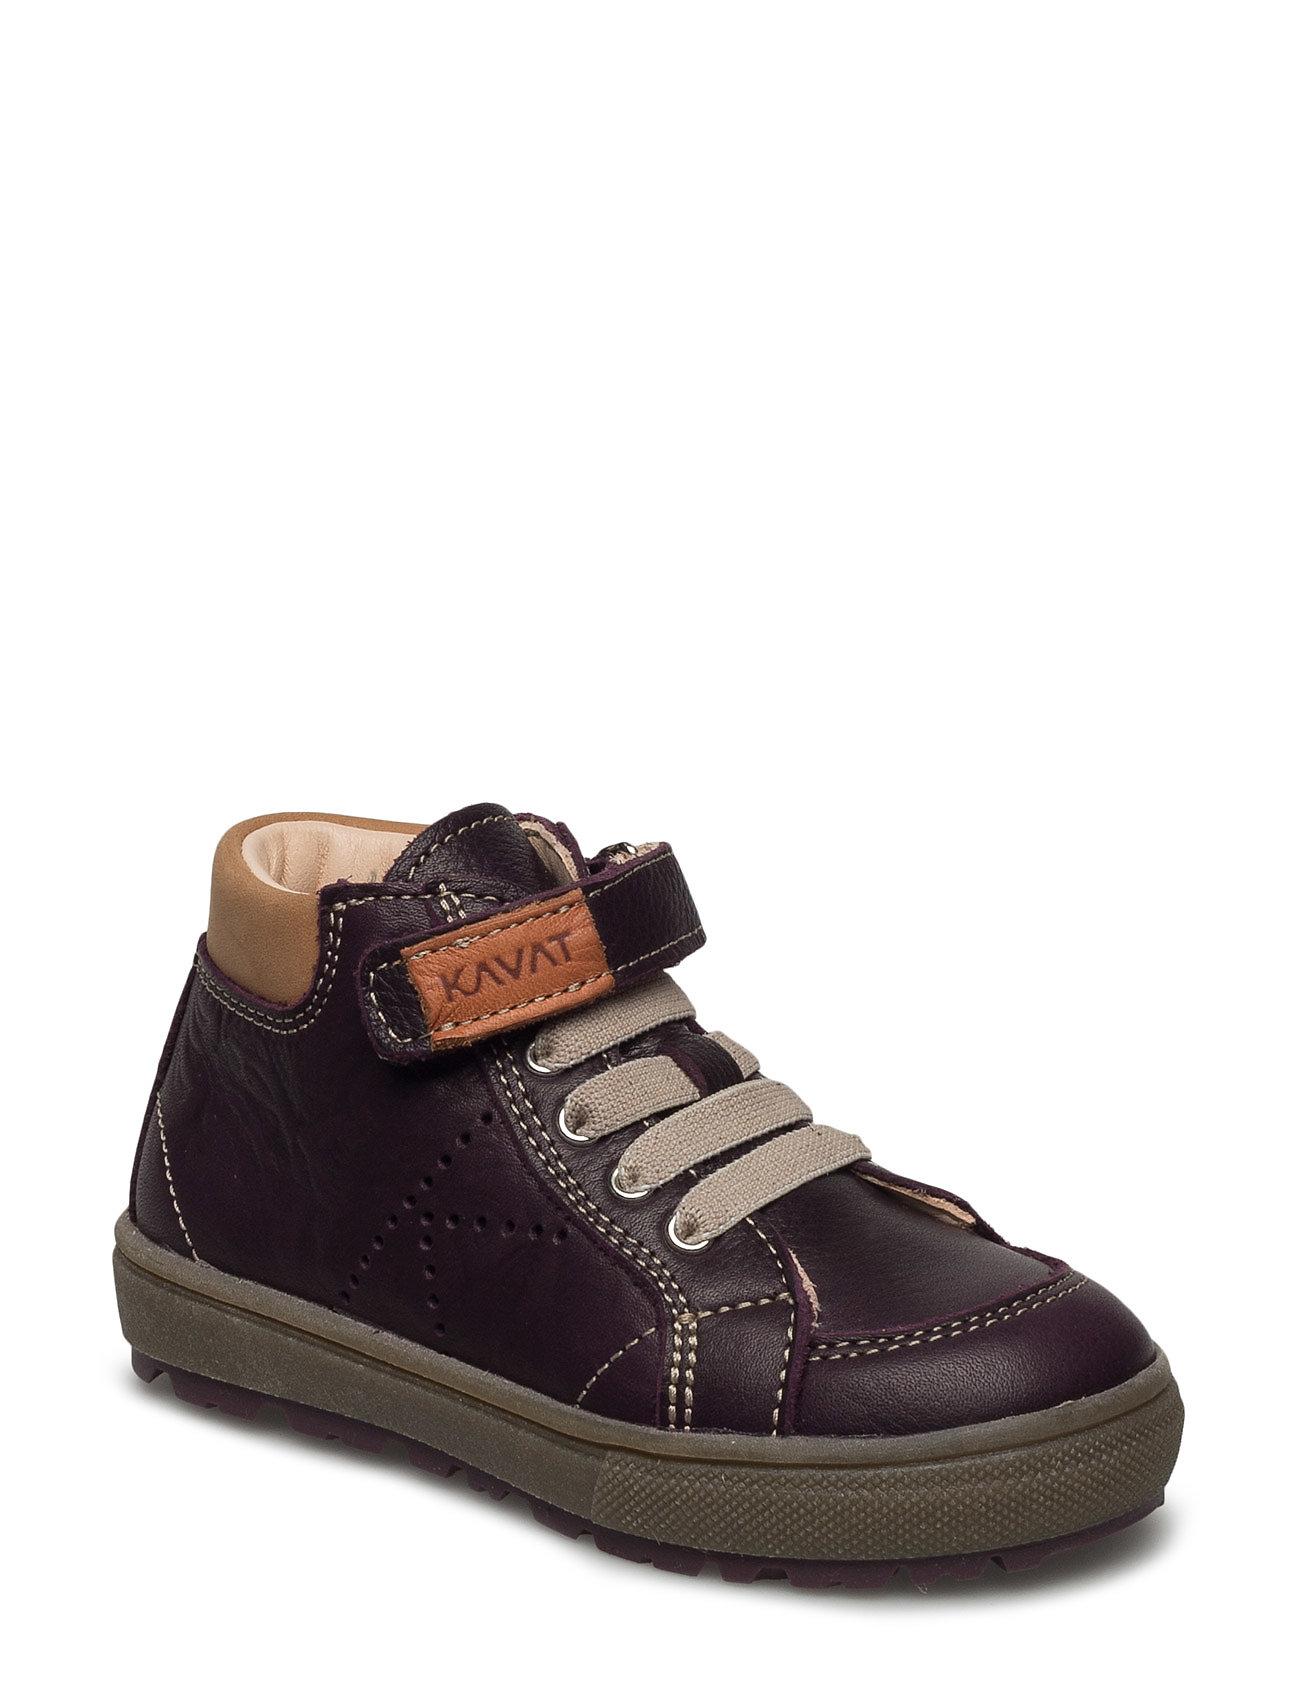 Vsterby Ep Kavat Sko & Sneakers til Børn i Lilac